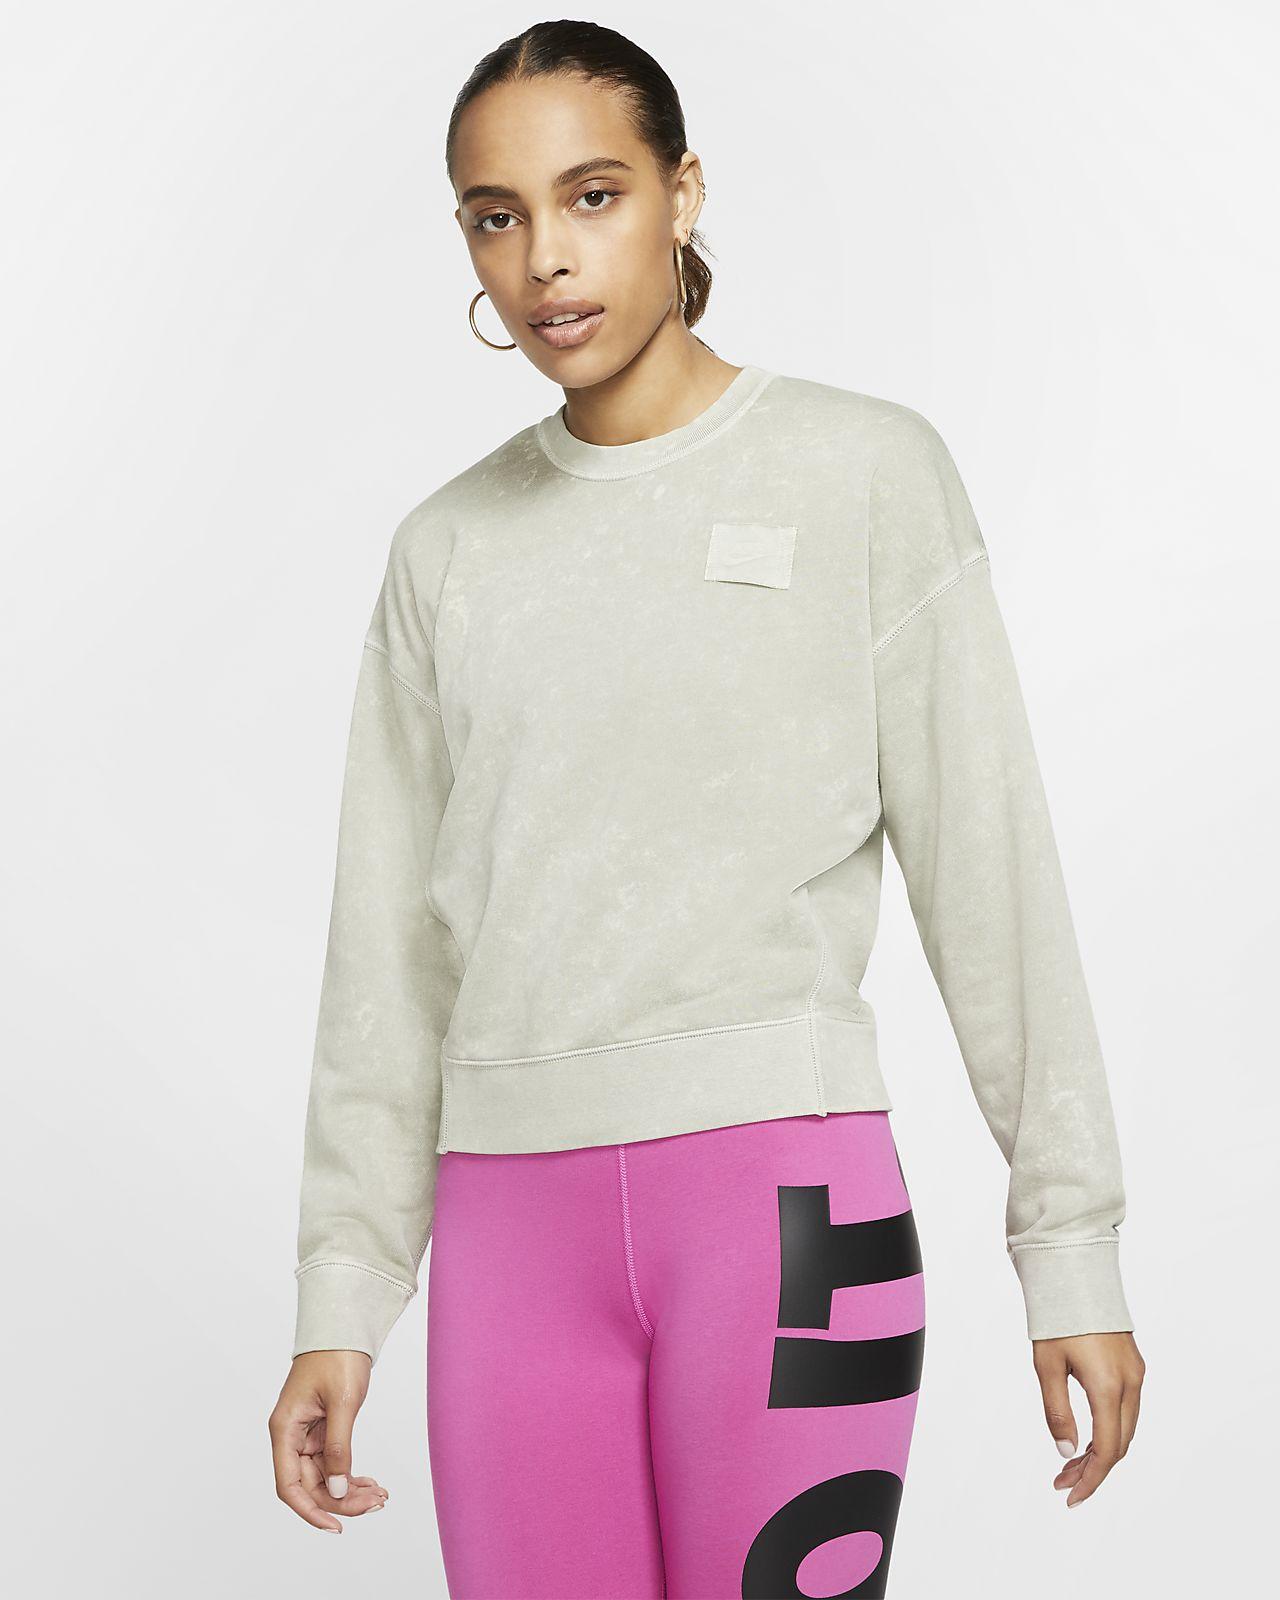 Nike Sportswear Damen-Rundhalsshirt aus French-Terry